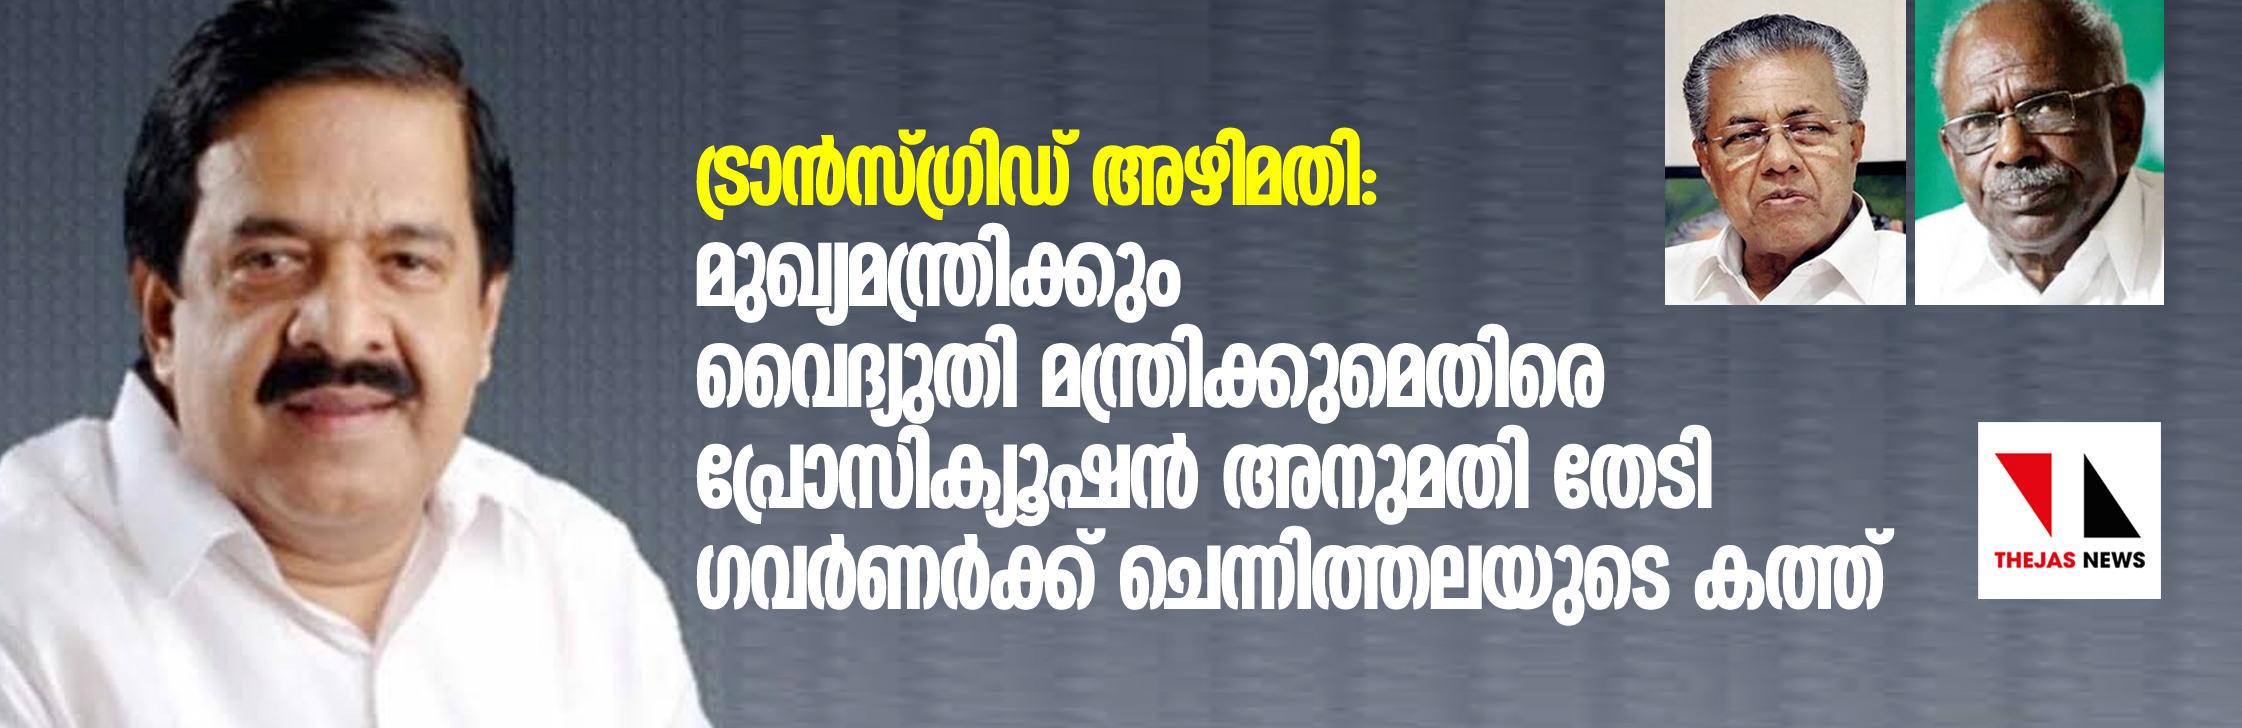 ട്രാന്സ്ഗ്രിഡ് അഴിമതി: മുഖ്യമന്ത്രിക്കും വൈദ്യുതി മന്ത്രിക്കുമെതിരെ പ്രോസിക്യൂഷന് അനുമതി തേടി പ്രതിപക്ഷം